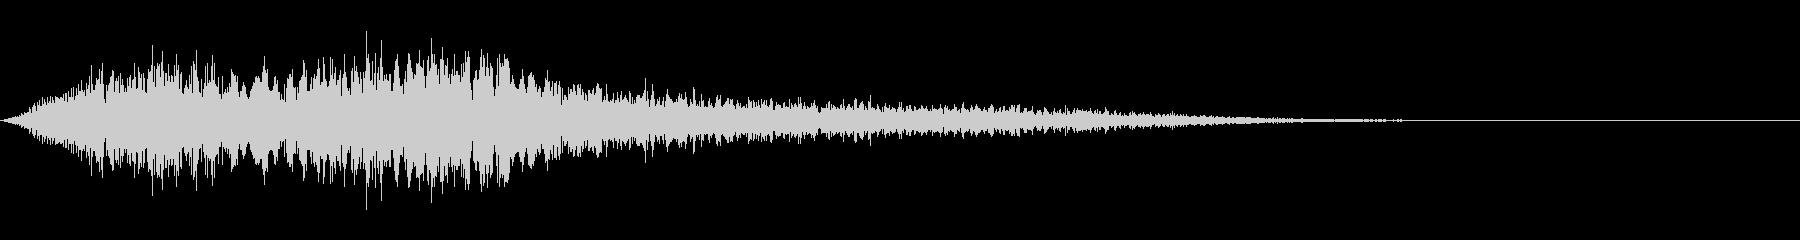 スーパー、テロップ等向け(ゴージャス)の未再生の波形